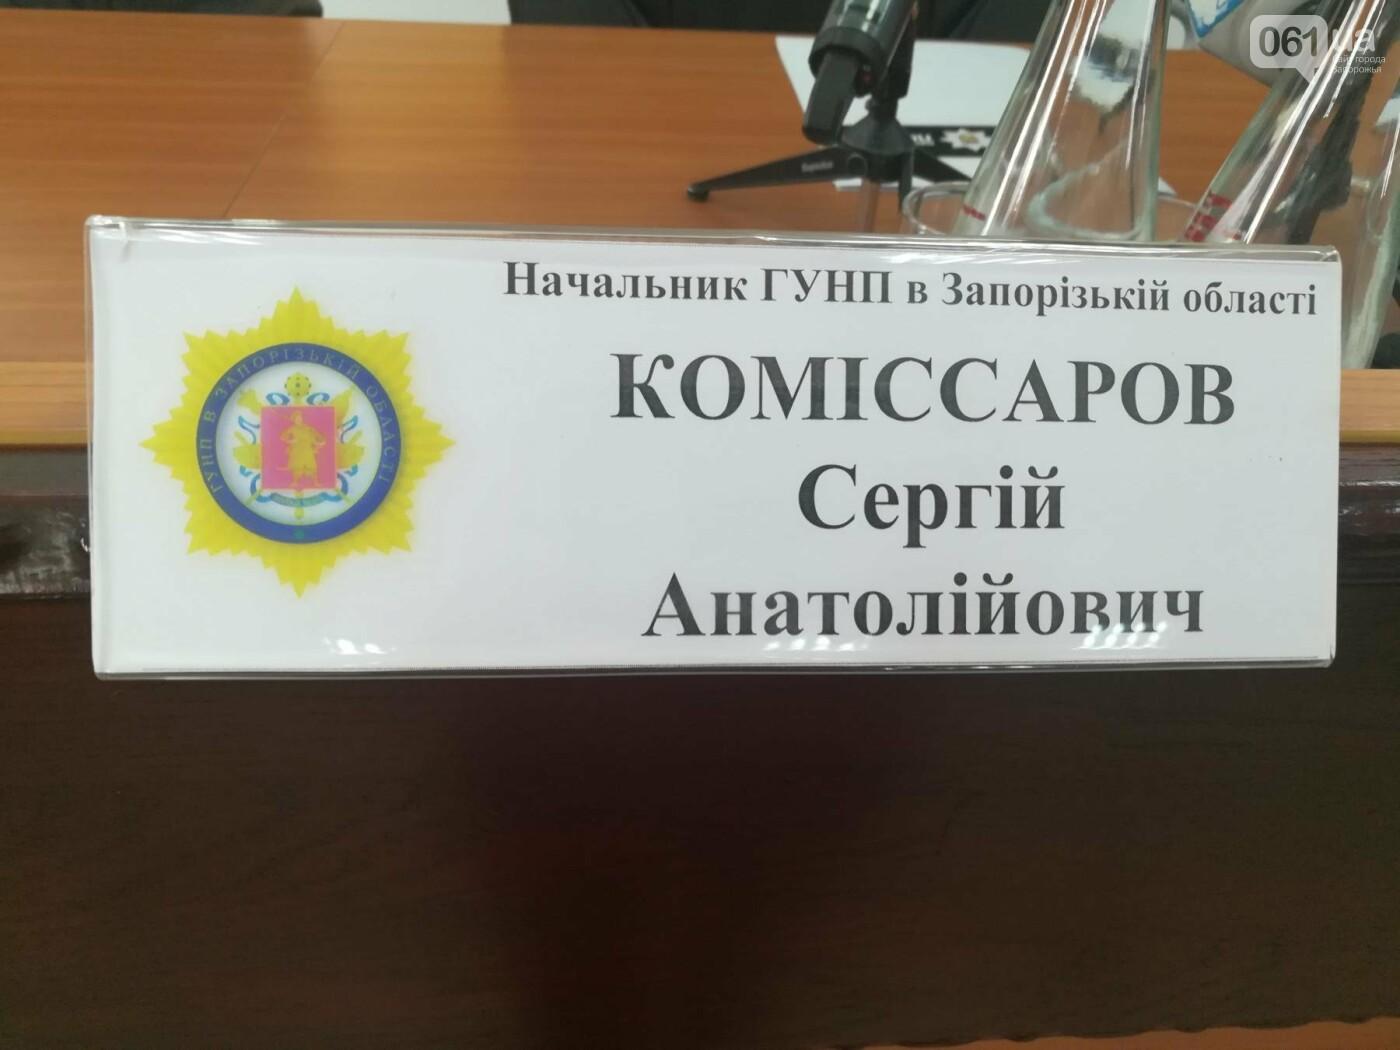 У нового главы ГУНП в Запорожской области есть участок в Приазовском районе и полмиллиона на счету в банке, фото-1